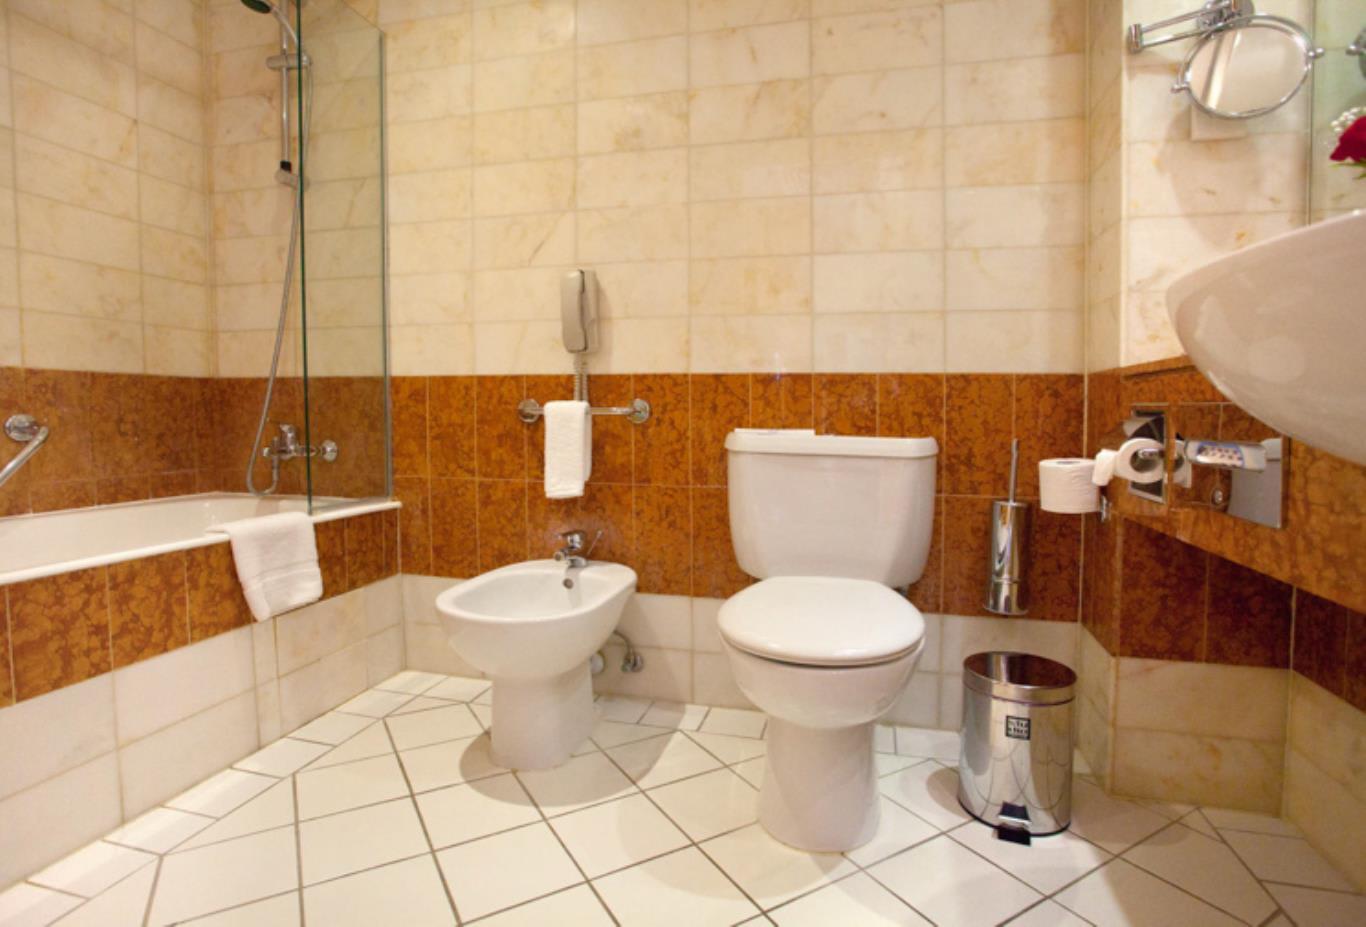 Executive Marina bathroom